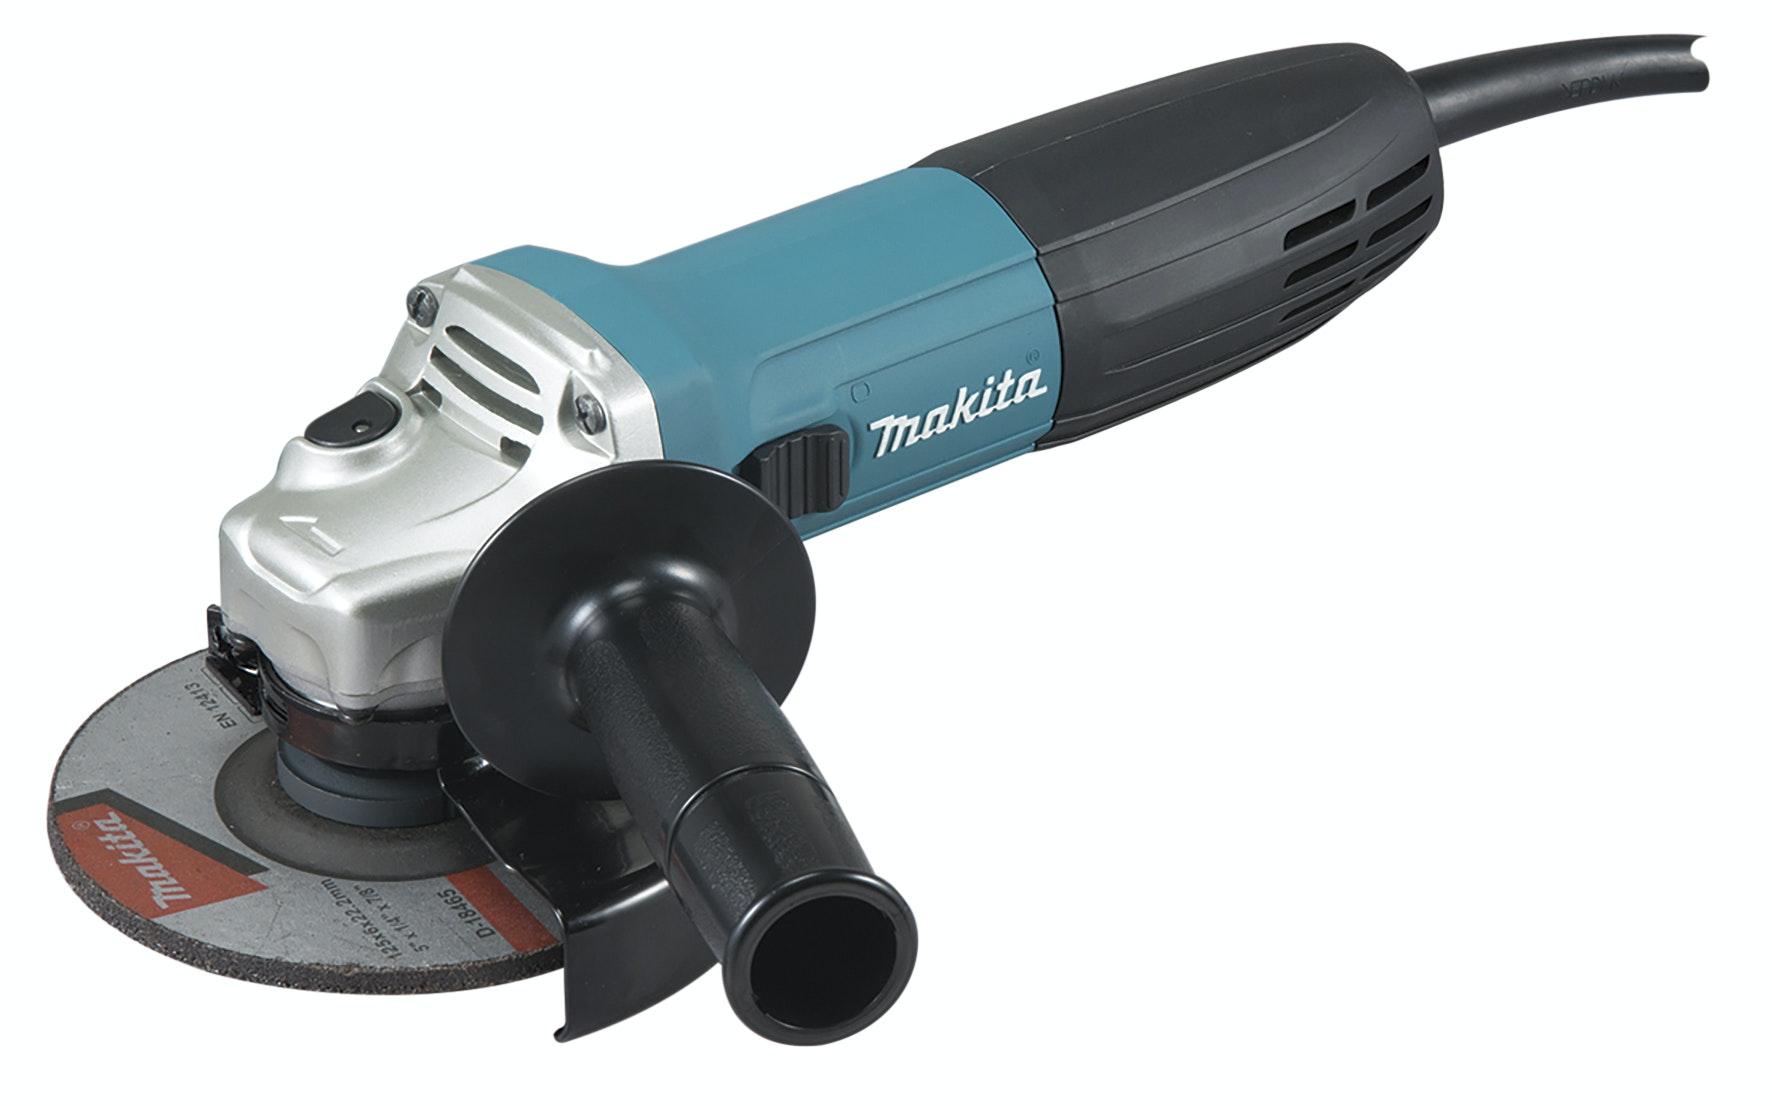 Vinkelslip Makita GA5030R 125mm 730W Återstartsskyddad